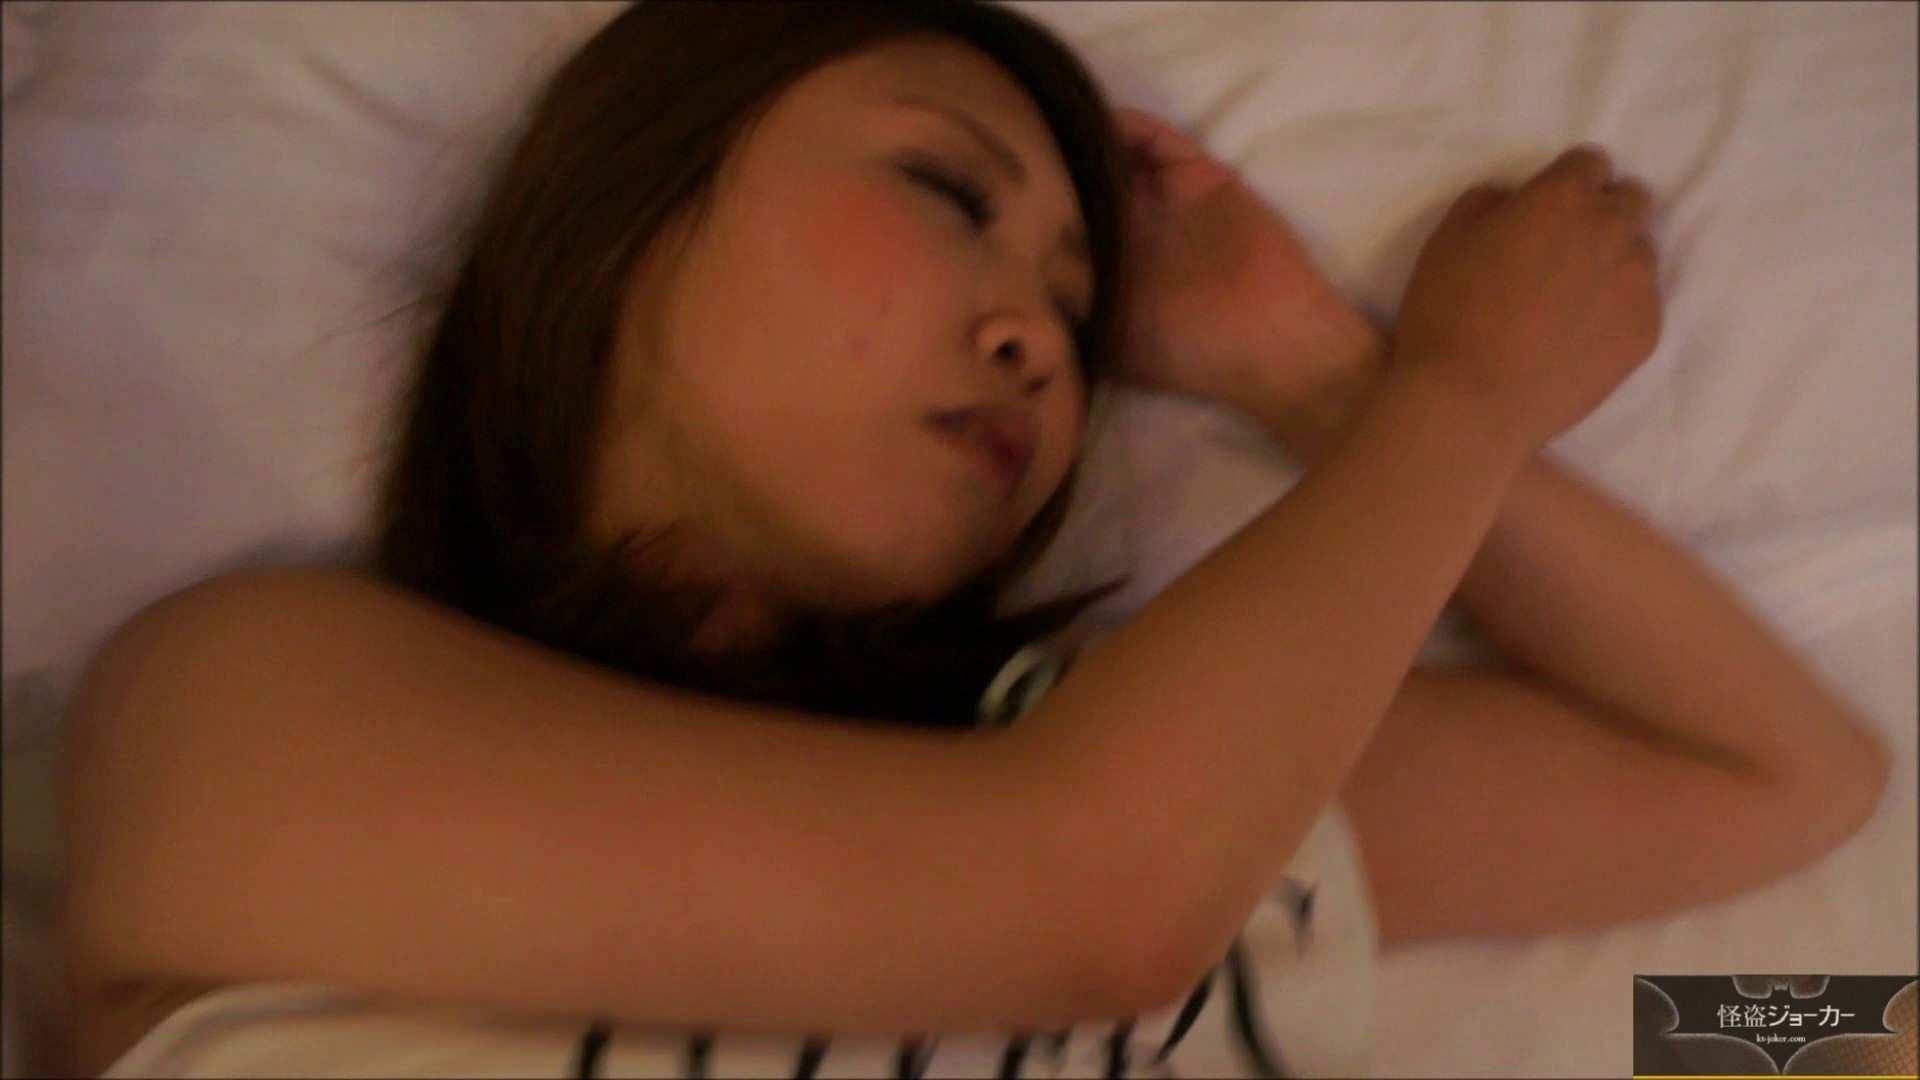 【未公開】vol.11 【美人若妻】早苗さん・・・誘われた夜。 美肌 オマンコ動画キャプチャ 99枚 25